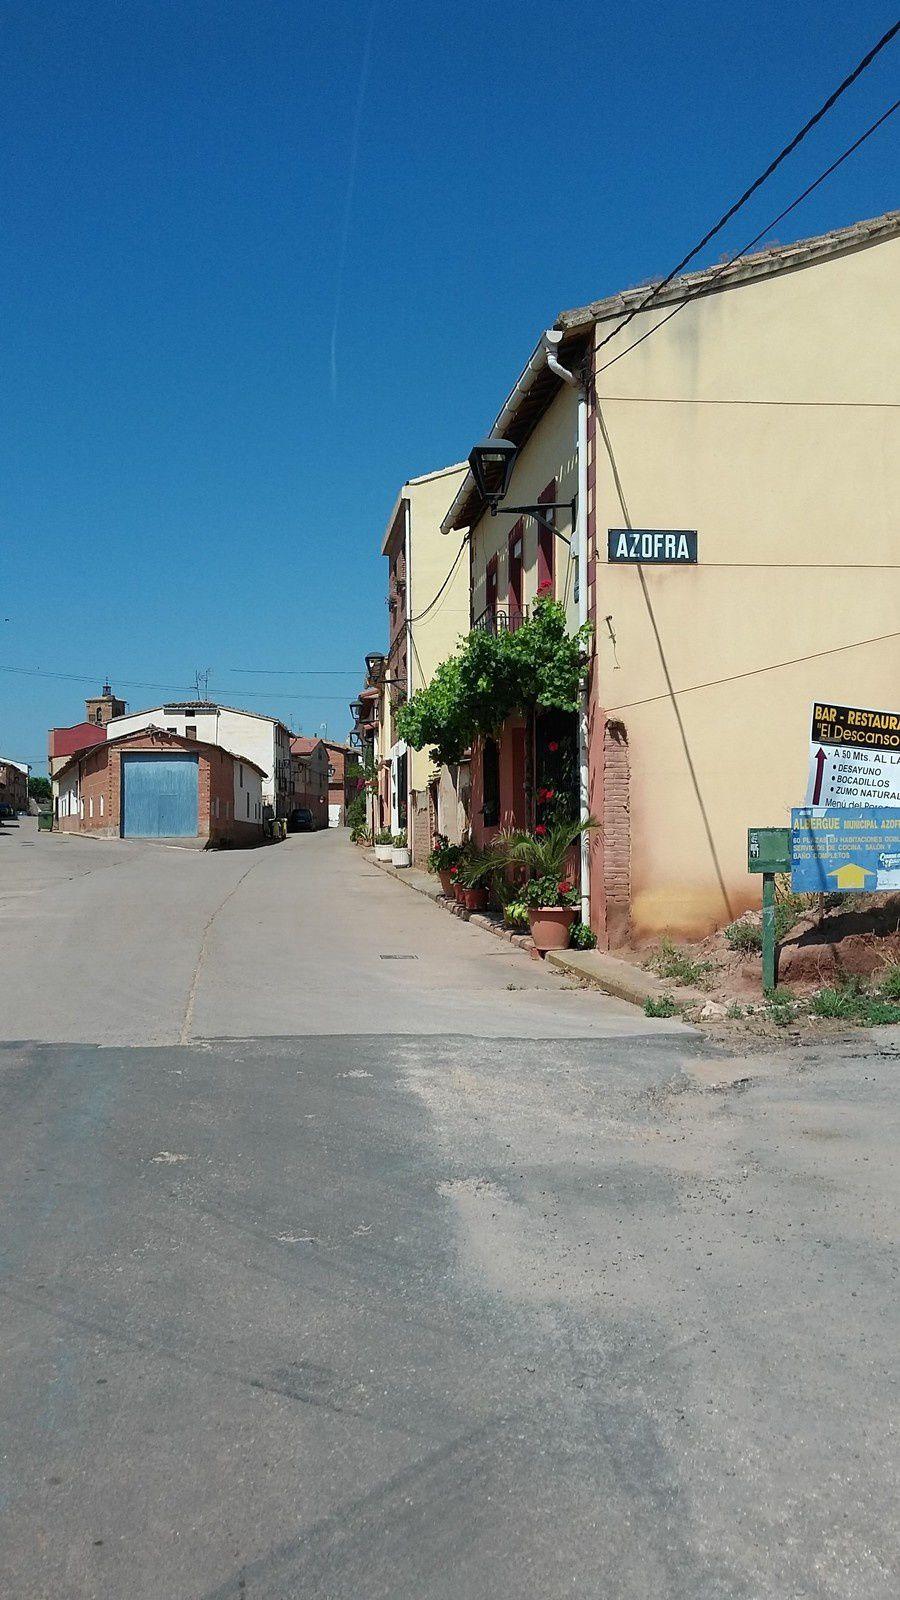 Dans Azofra, nous nous dirigeons vers l'albergue municipale qui est très bien car elle propose des box de 2 personnes, un coin cuisine et de quoi se reposer.